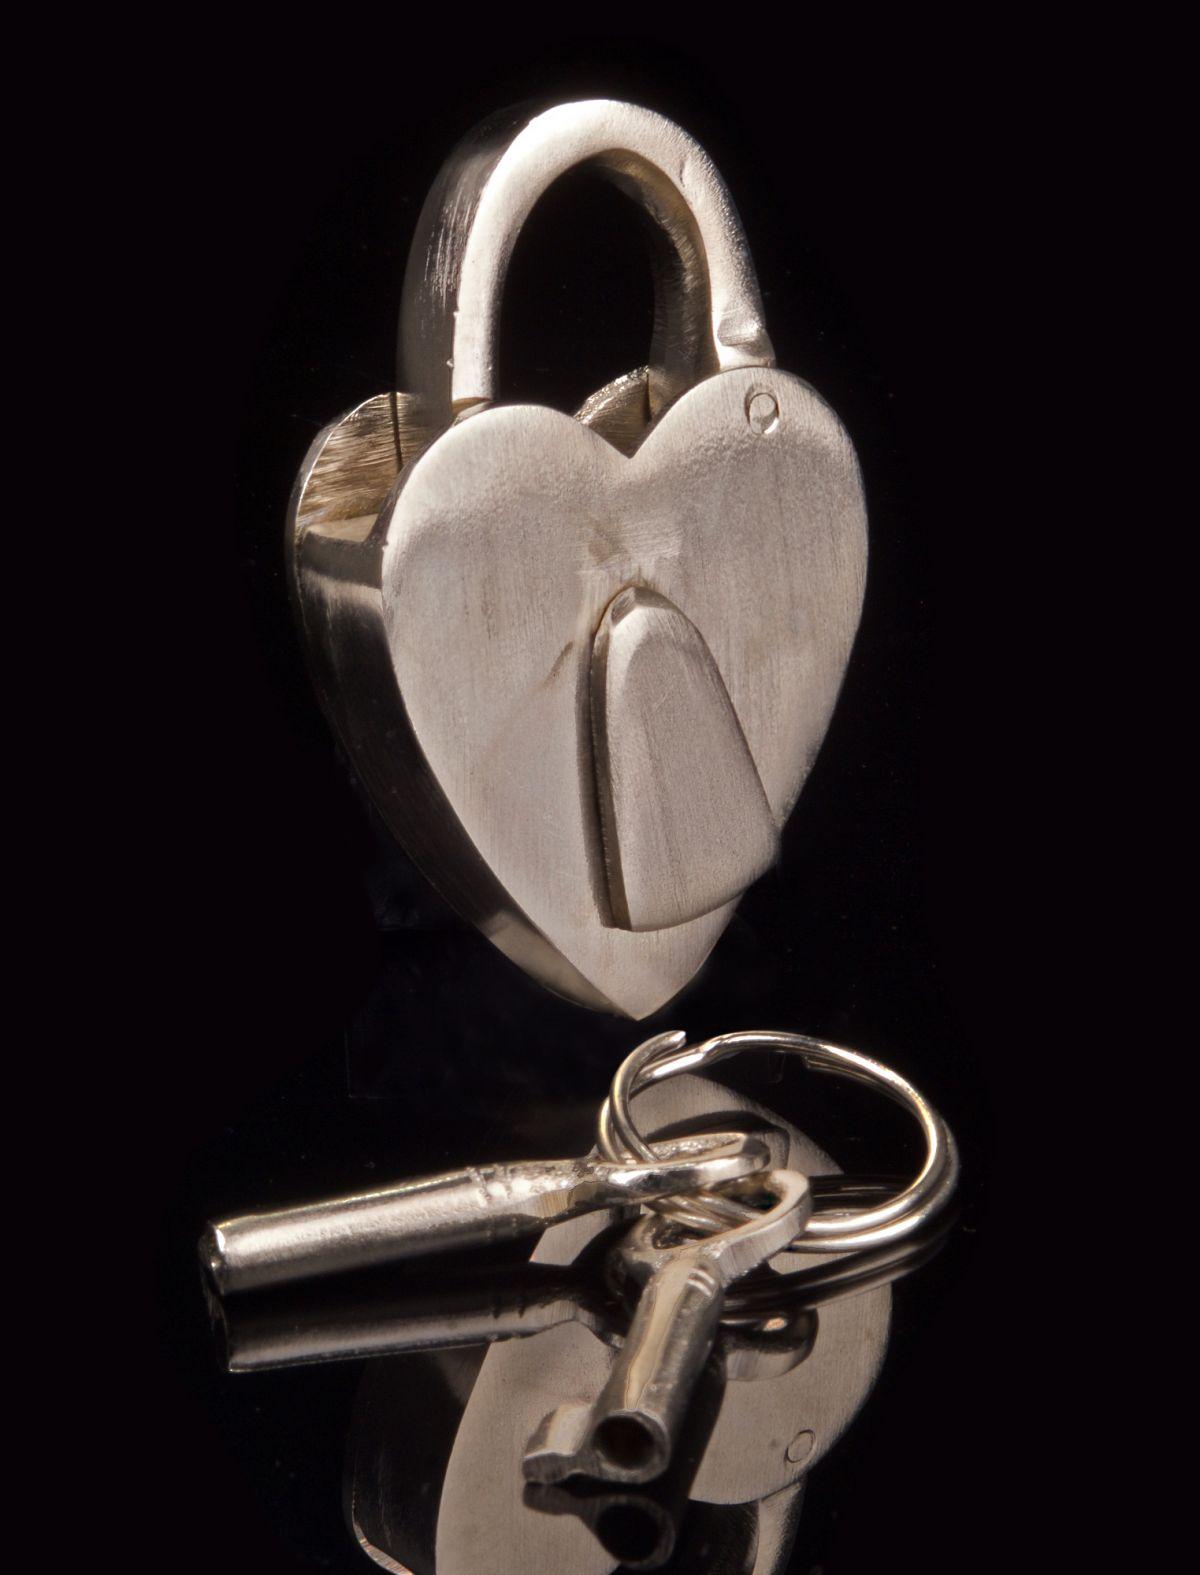 Brushed Steel Love Heart Heart Lock